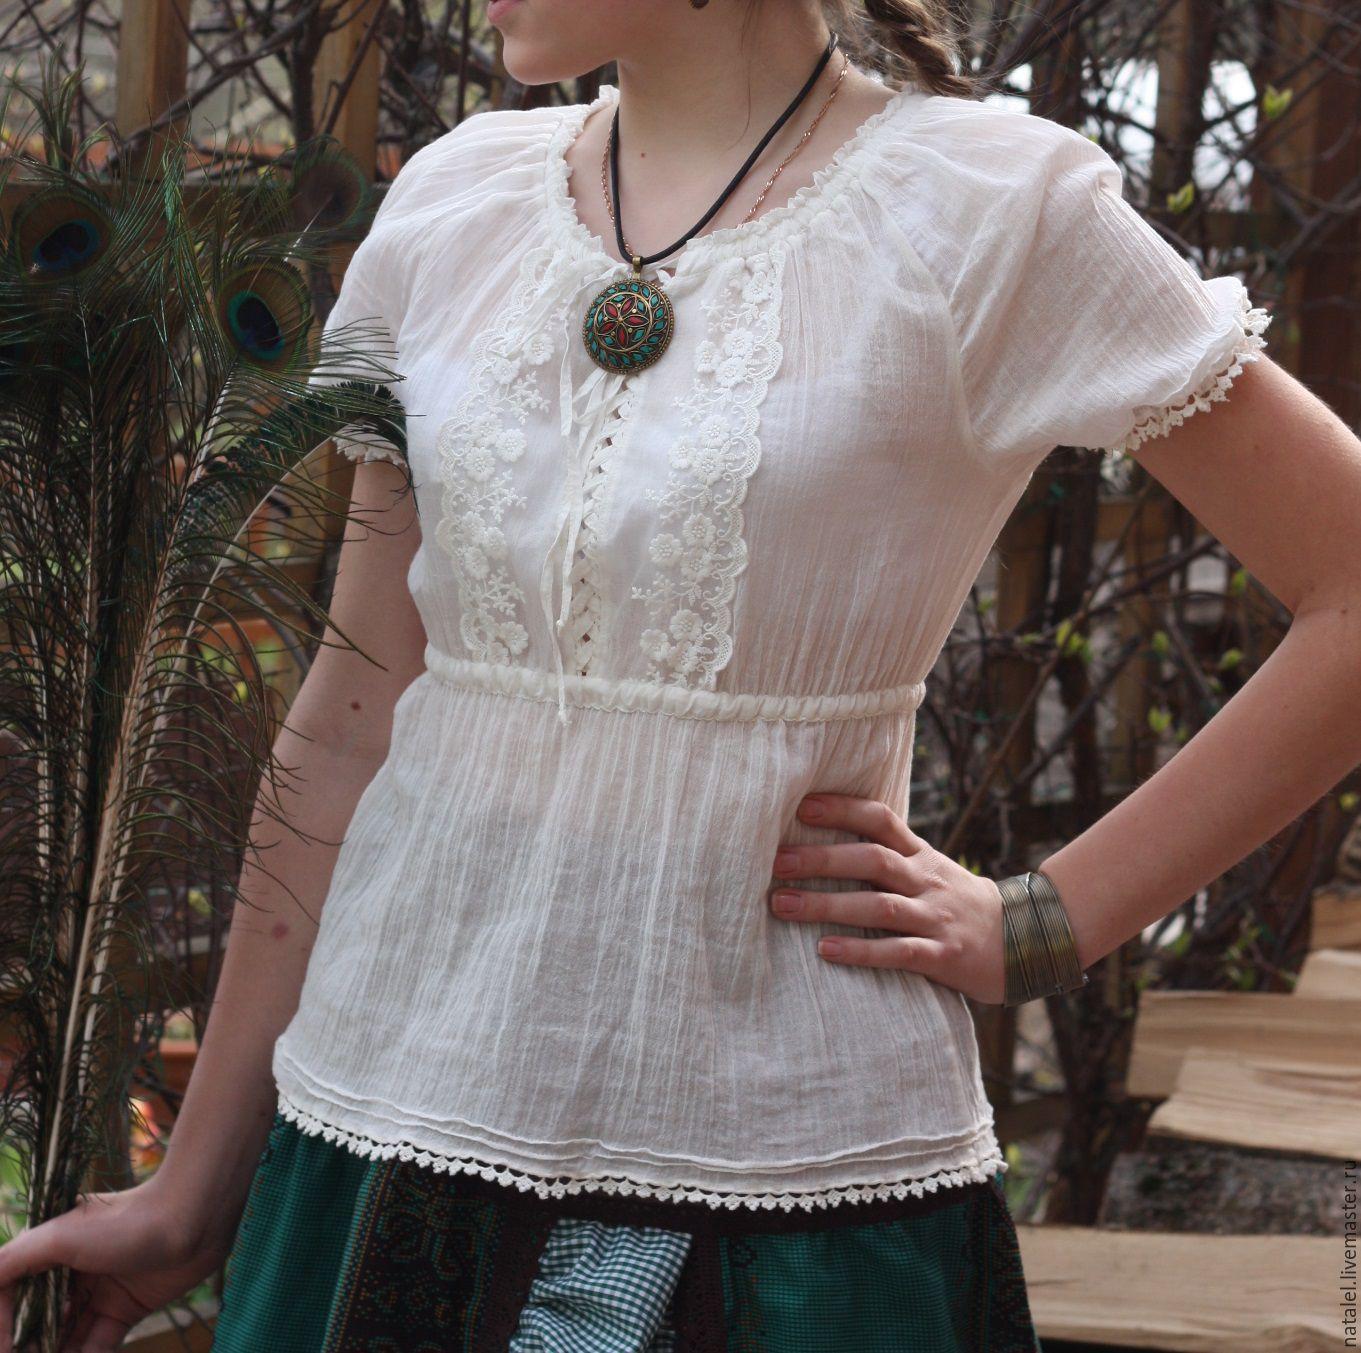 Блузки из марлевки в Уфе